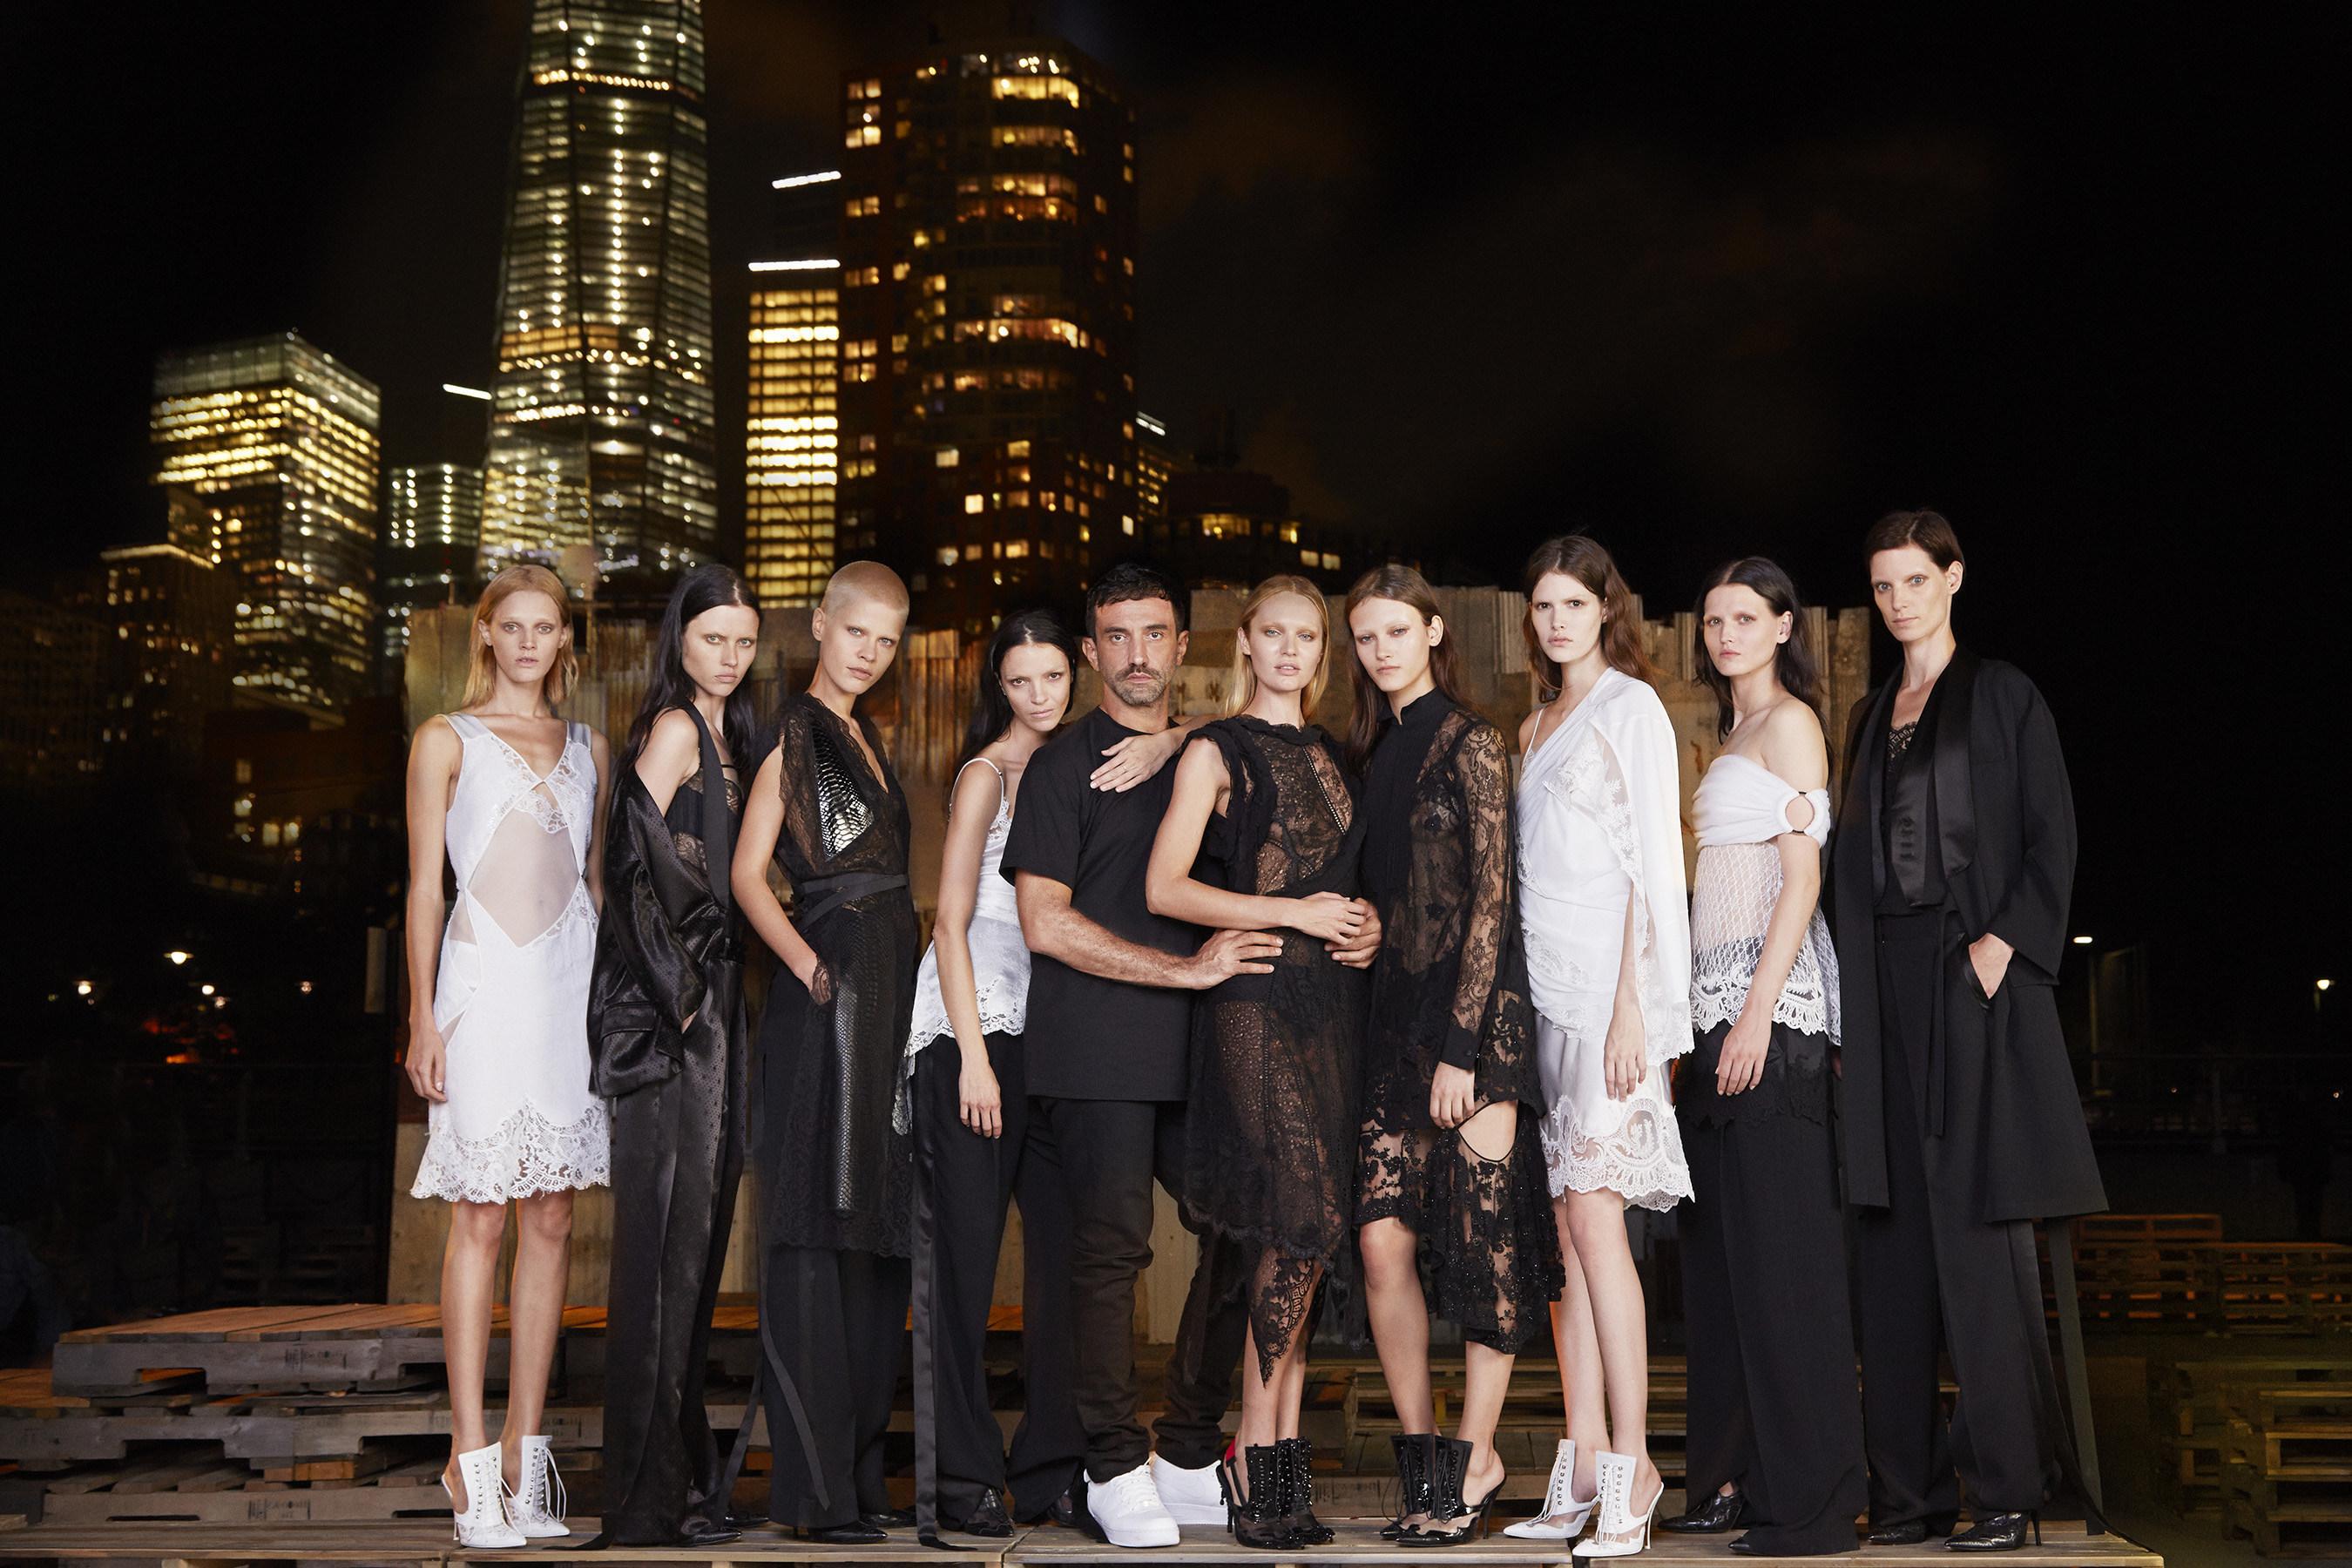 Givenchy par Riccardo Tisci presenta su colección primavera-verano 2016 en Nueva York